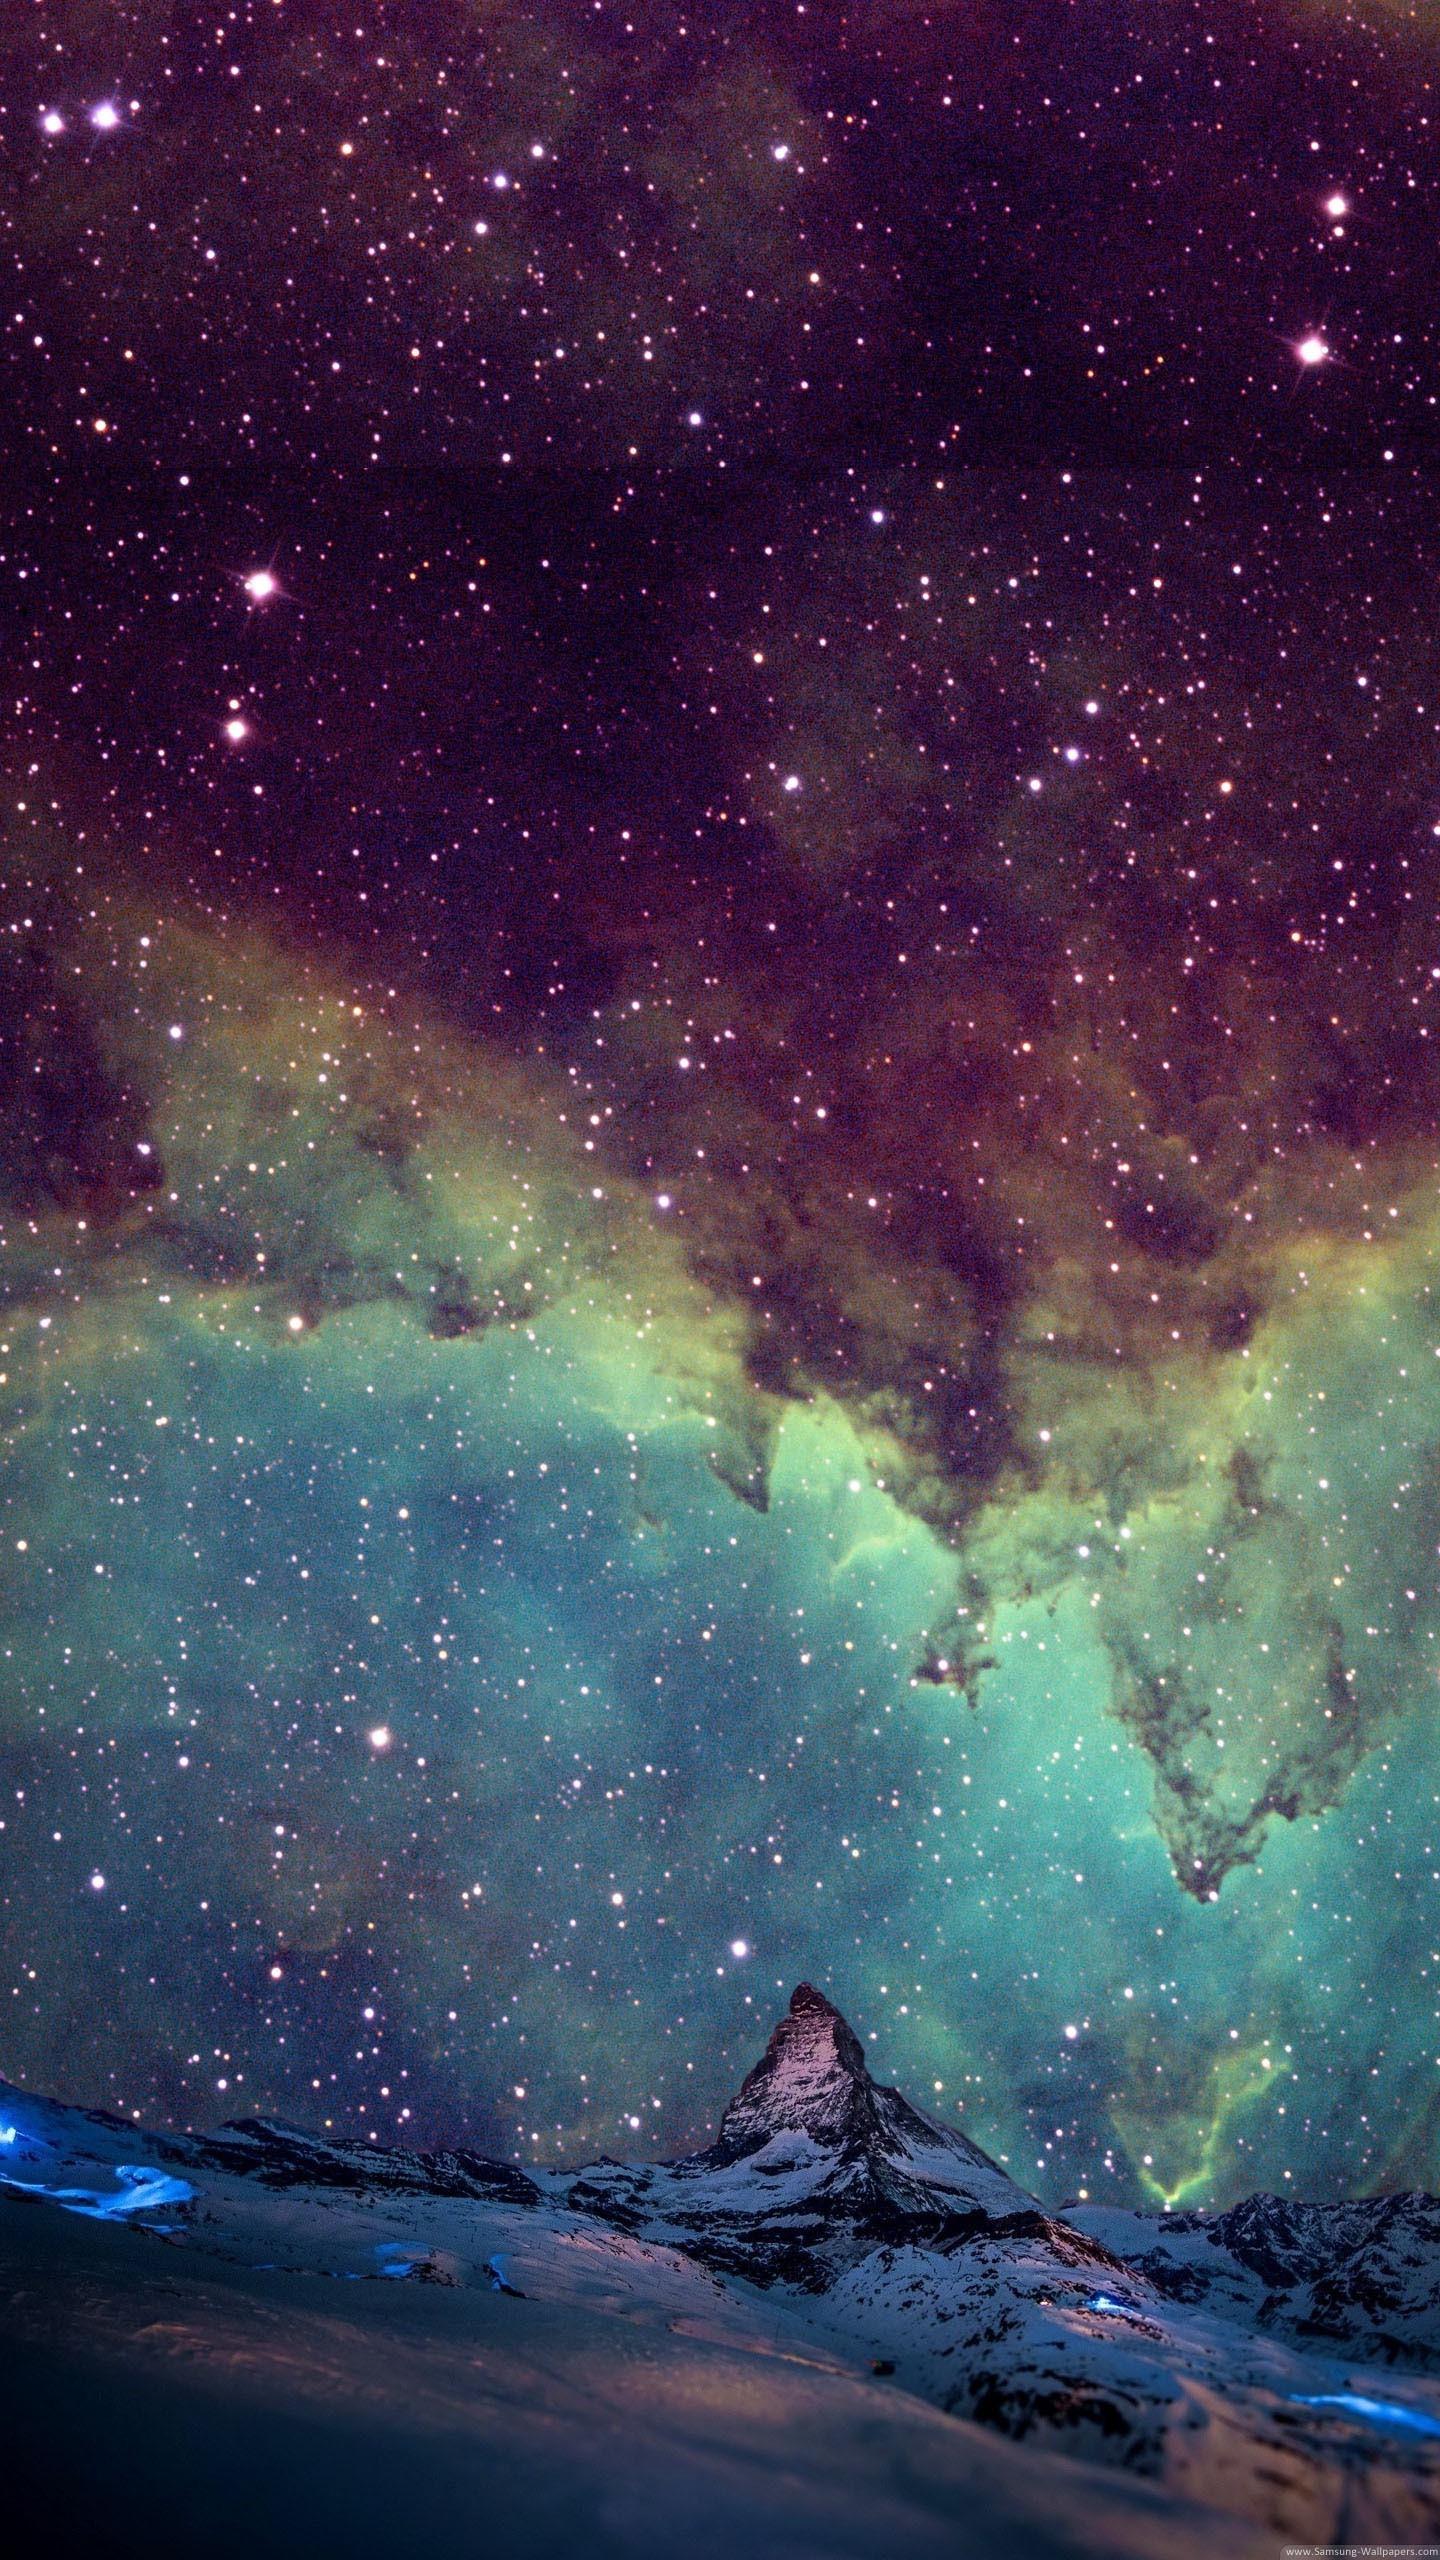 Stars In Galaxy Wallpaper - [1440x2560]